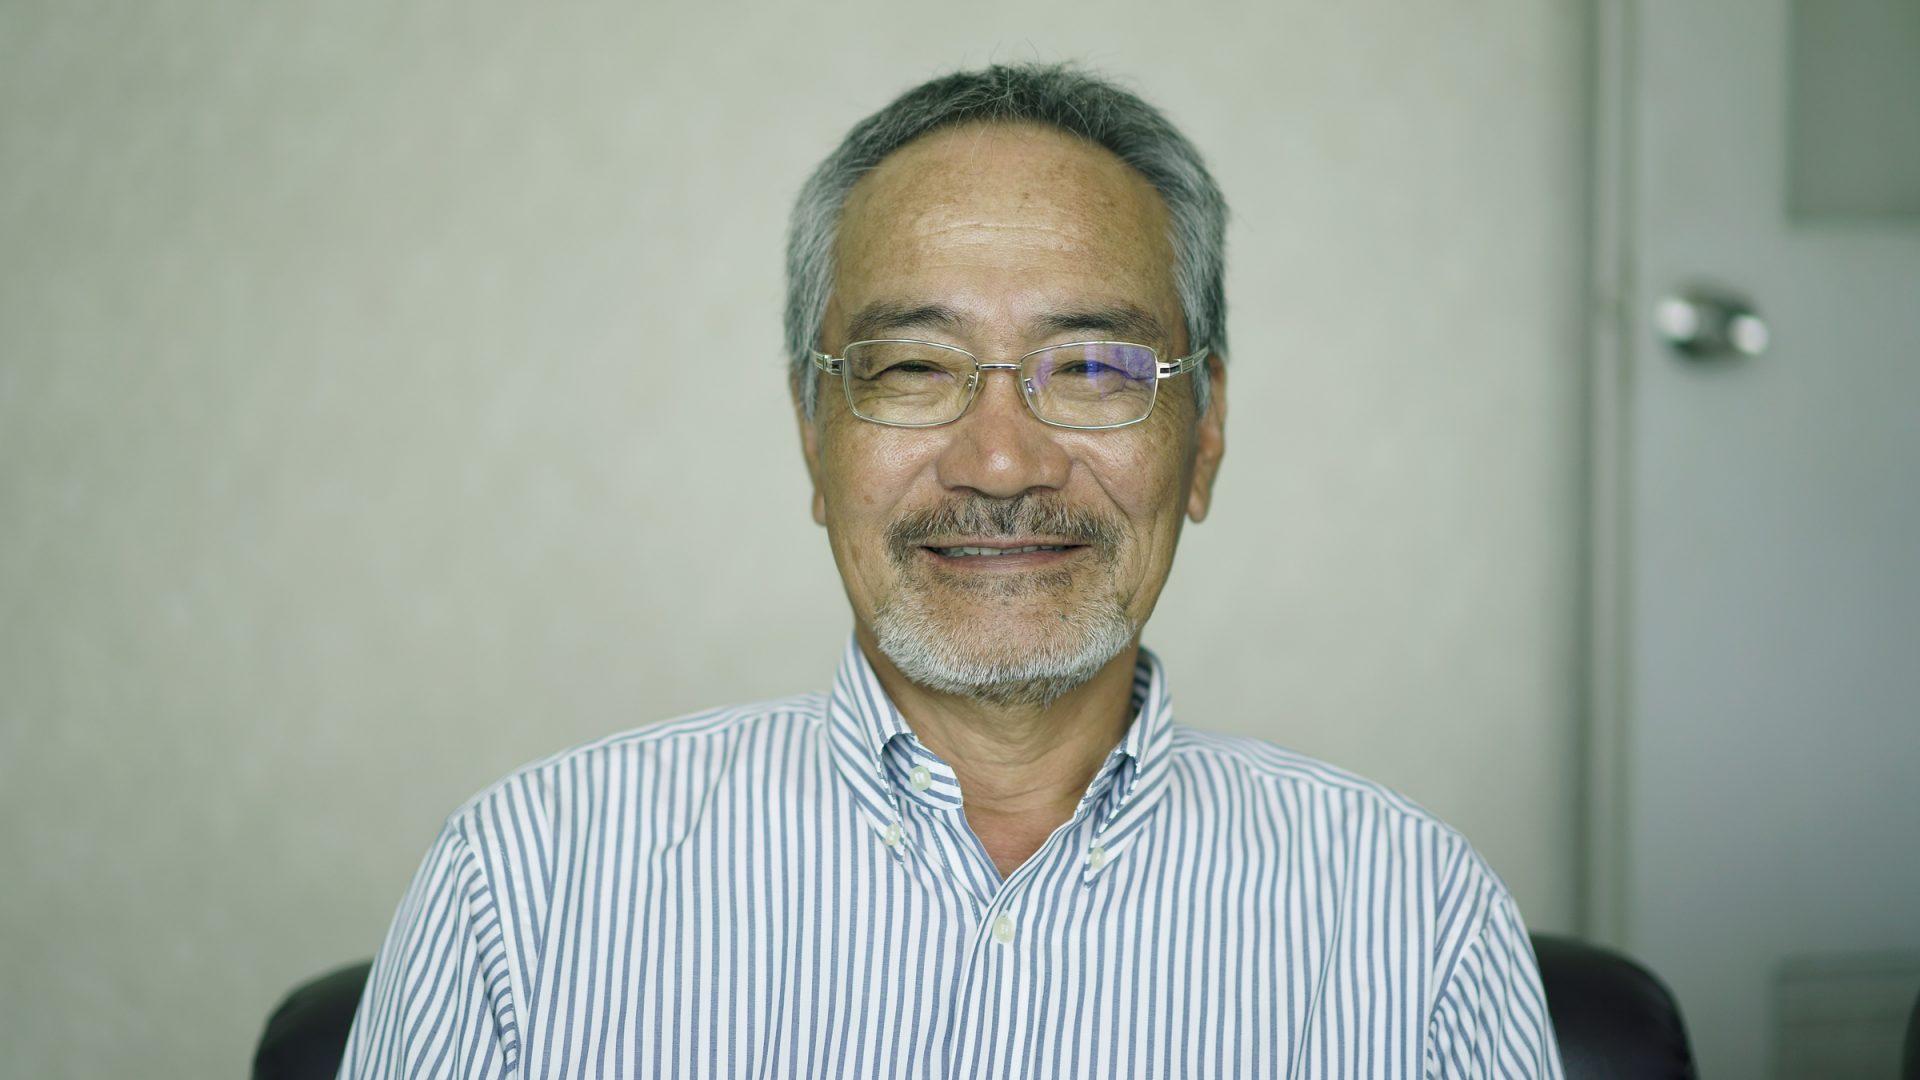 代表取締役社長 竹下 昌雄 Masao Takeshita